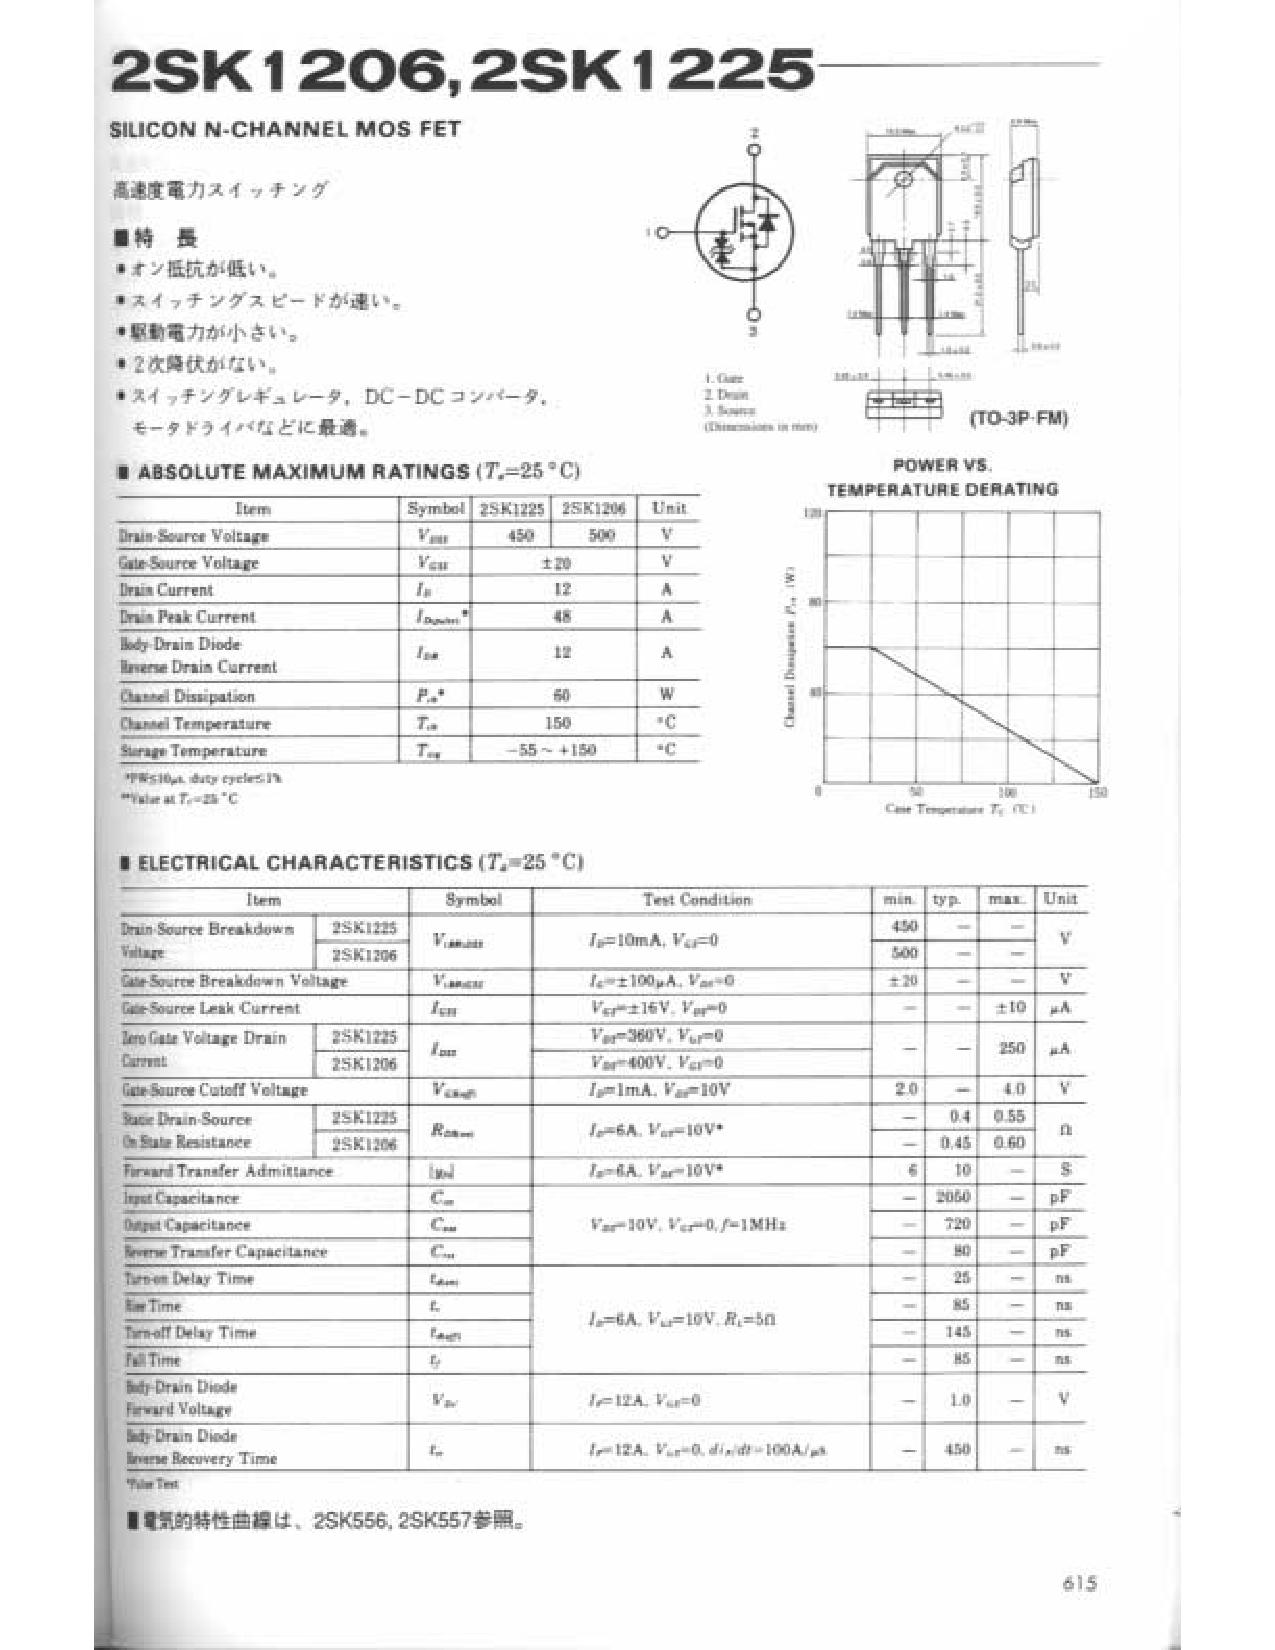 2SK1225 데이터시트 및 2SK1225 PDF